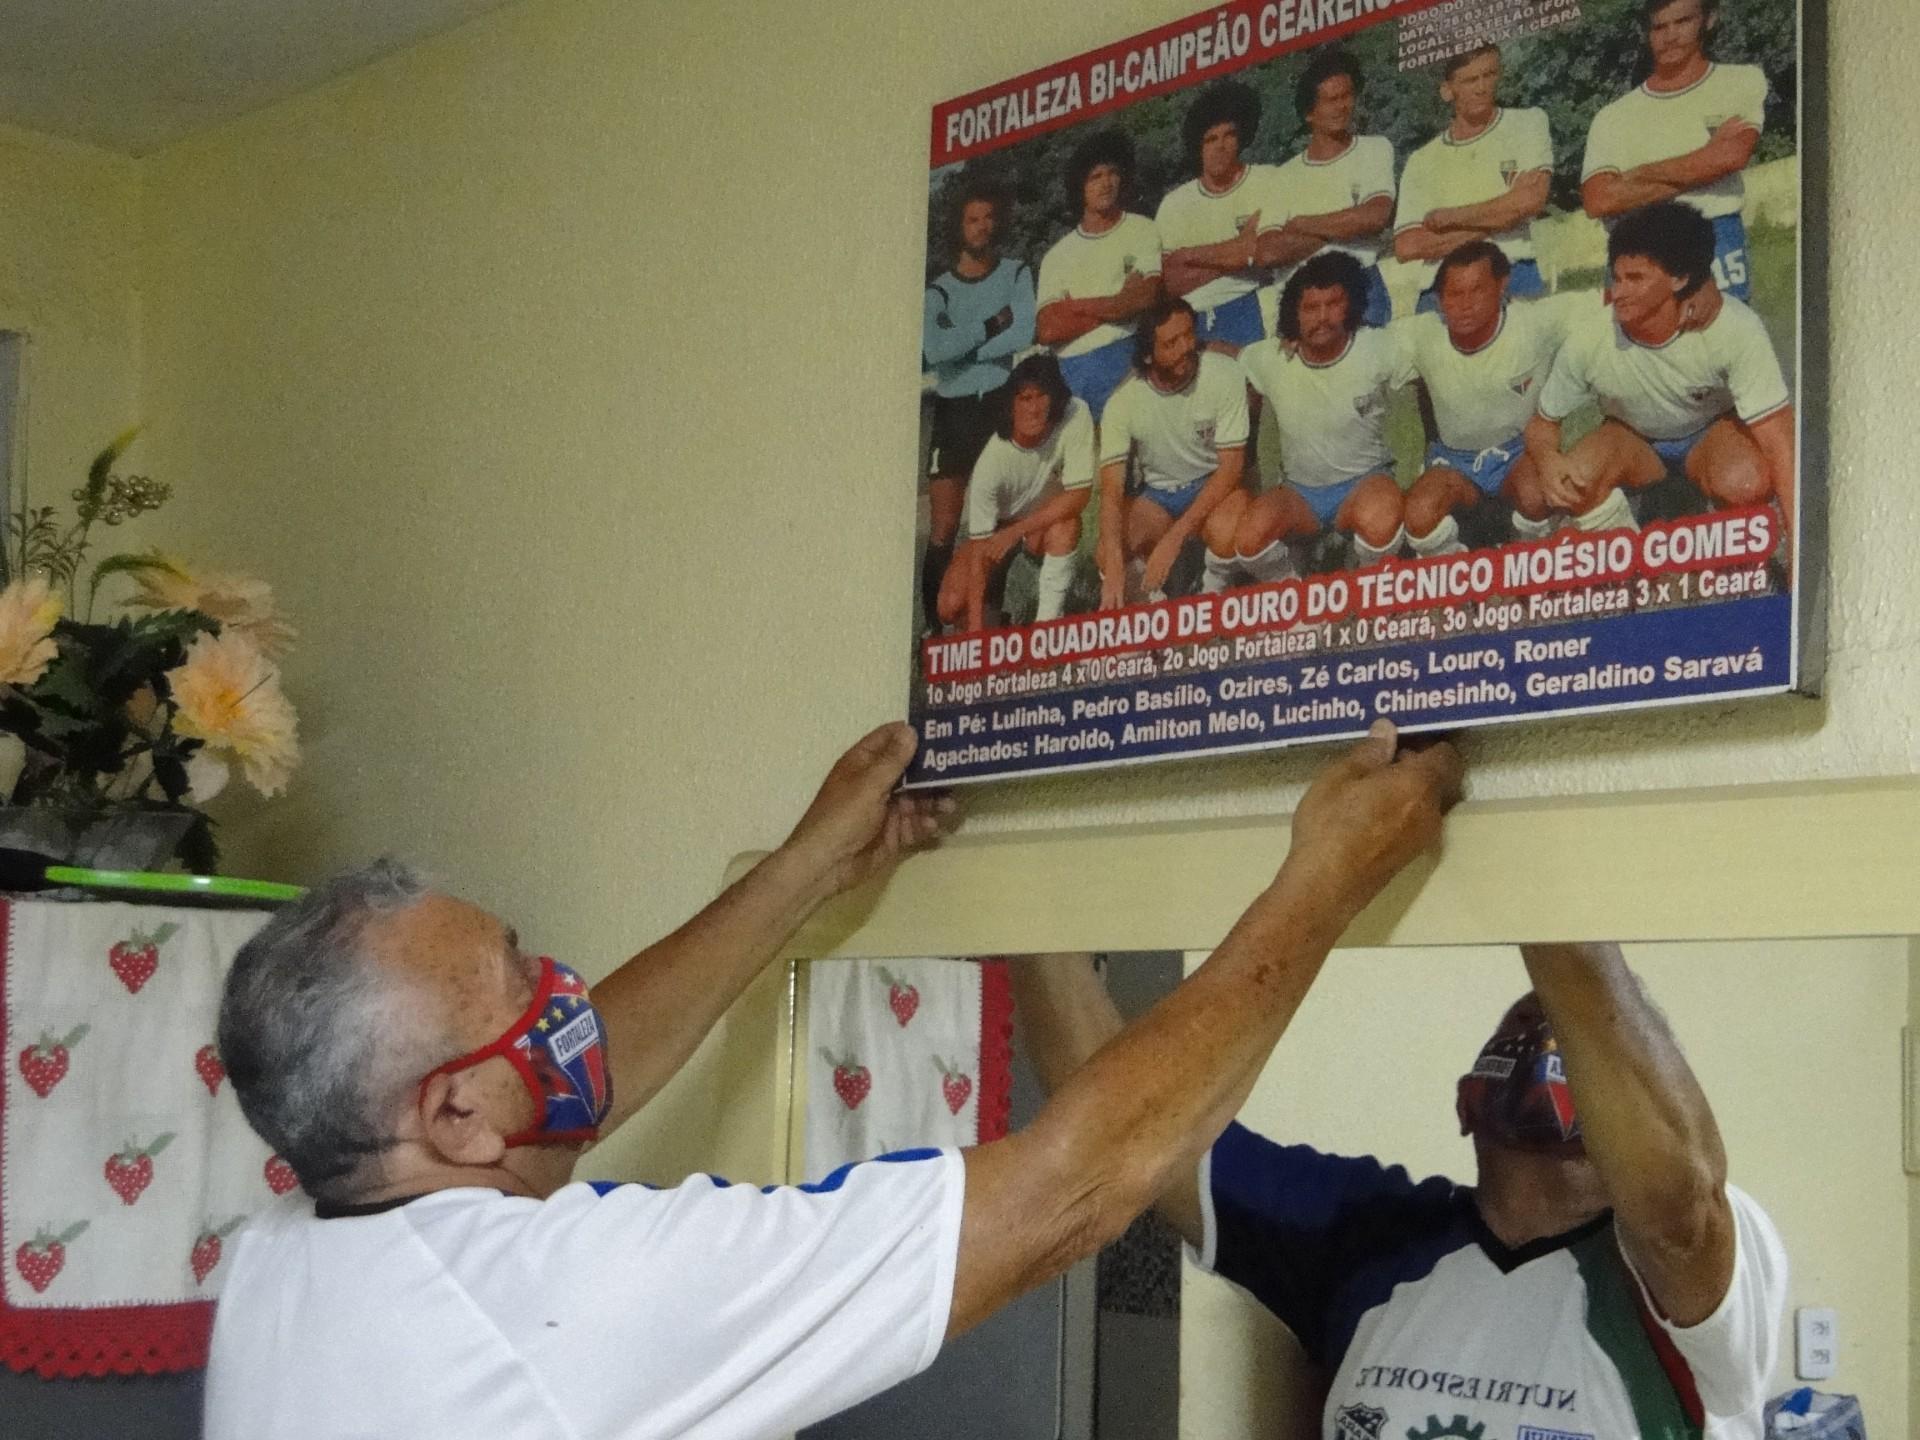 Geraldino Saravá guarda na parede de sua casa o quadro do time do Fortaleza de 1974, campeão do cearense daquele ano(Foto: Luciano Cesário)